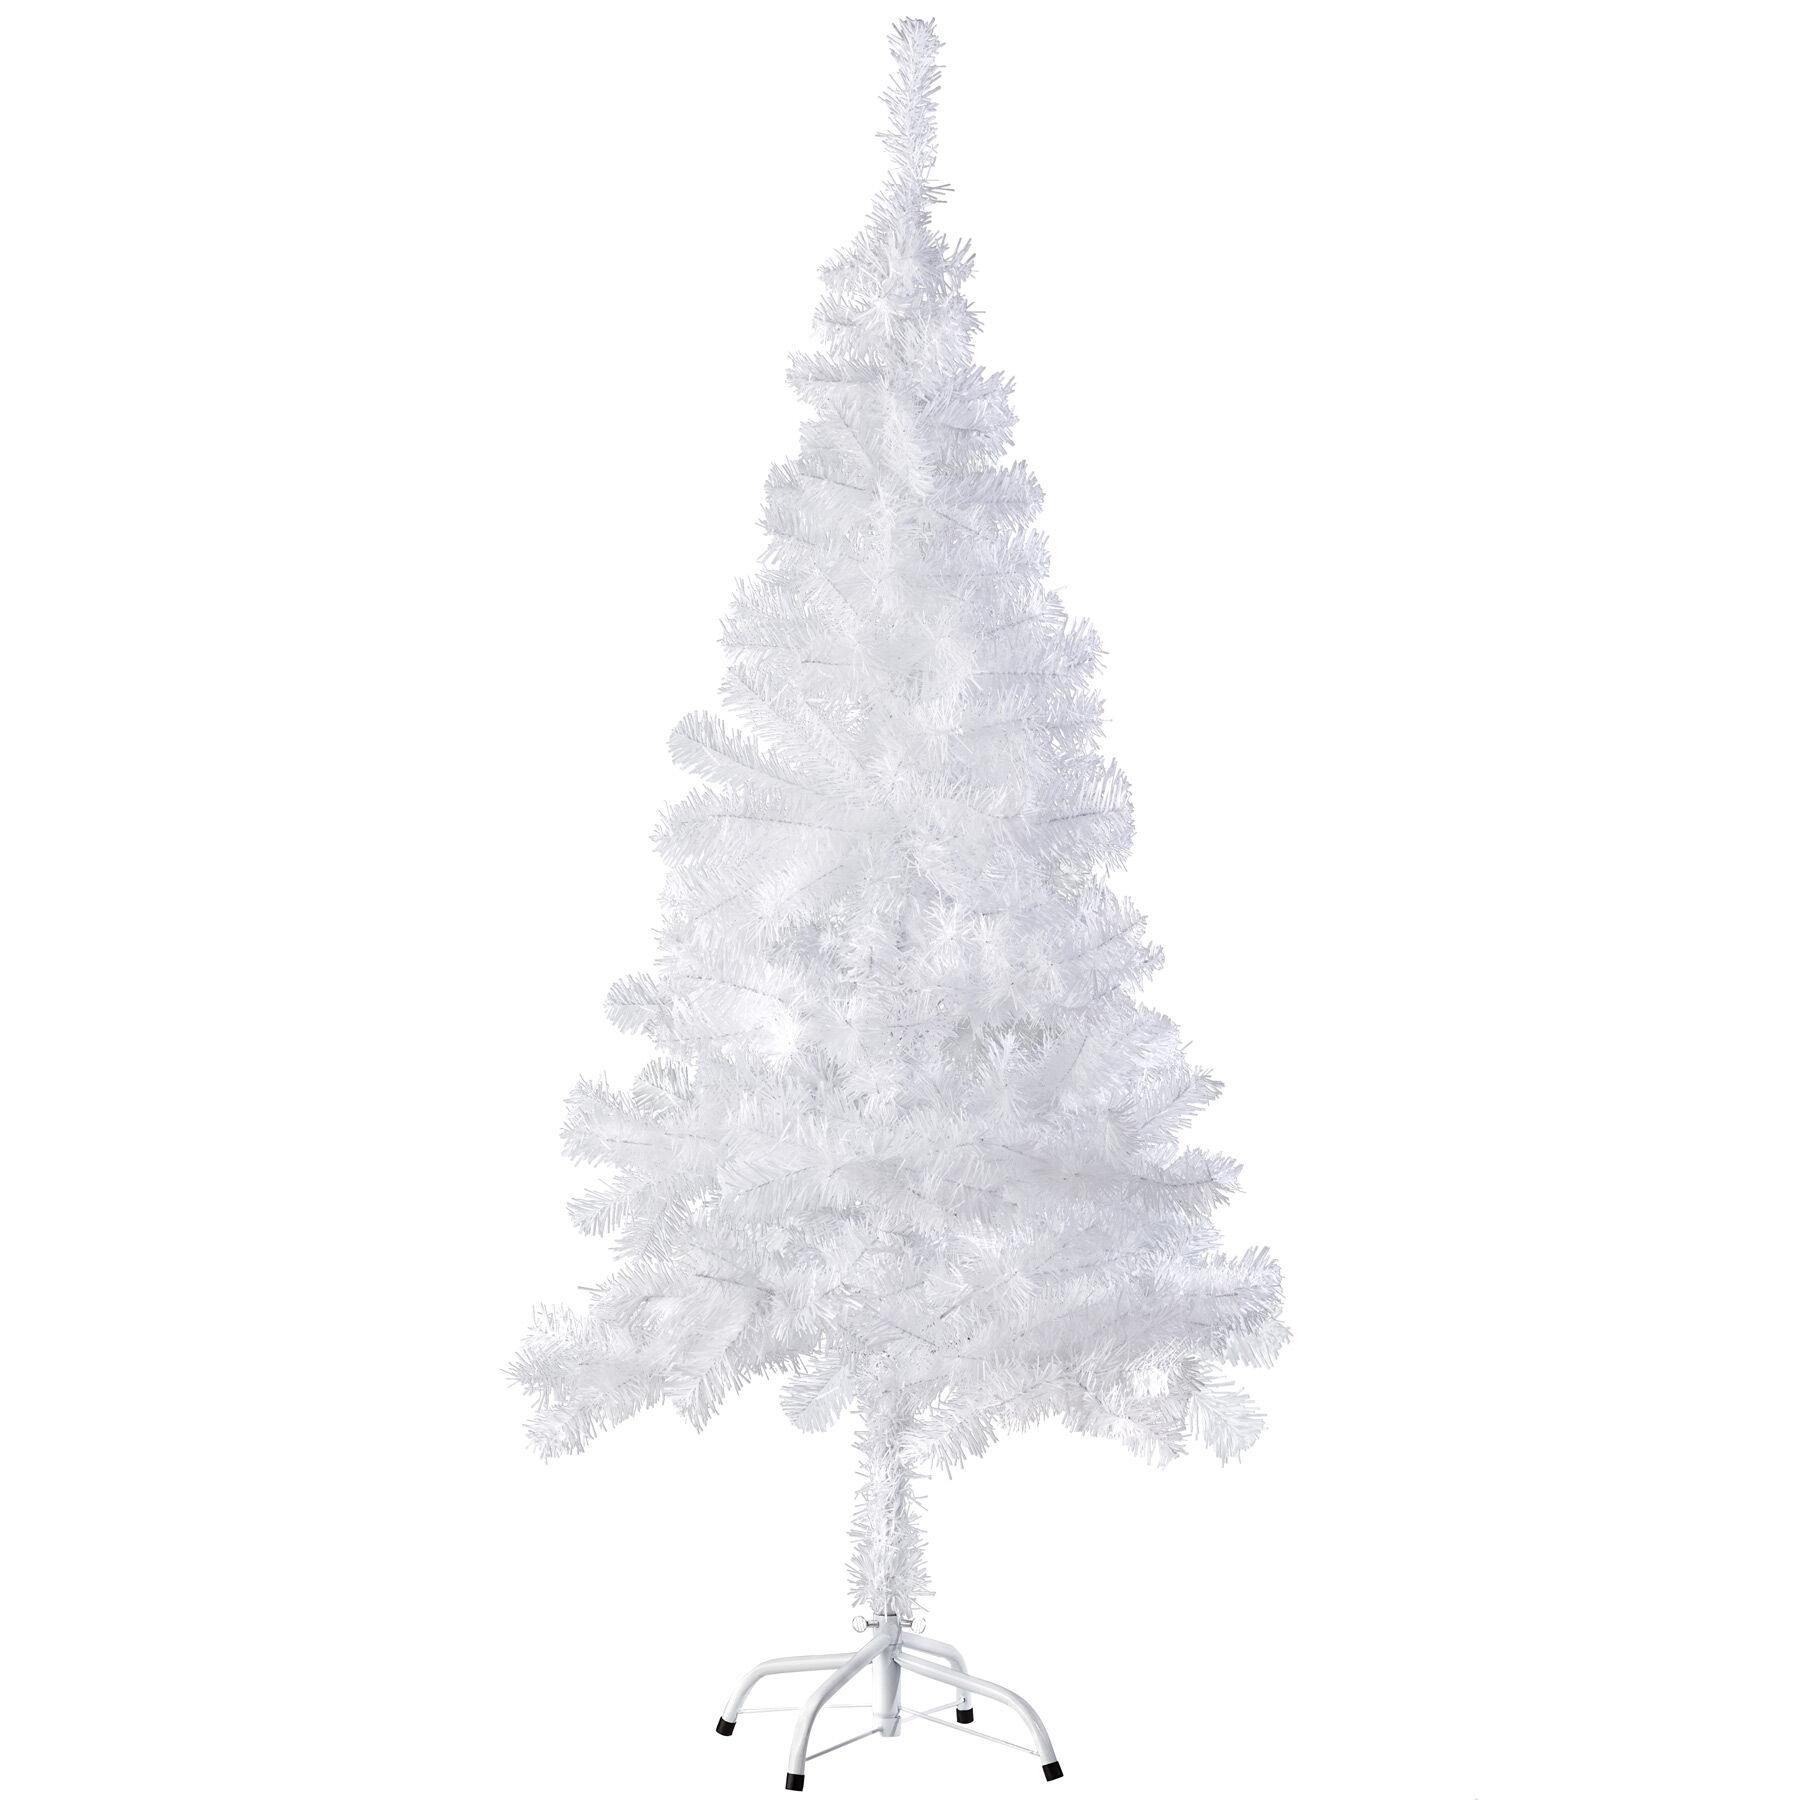 tectake Albero di Natale artificiale - 150 cm, 310 punte, bianco